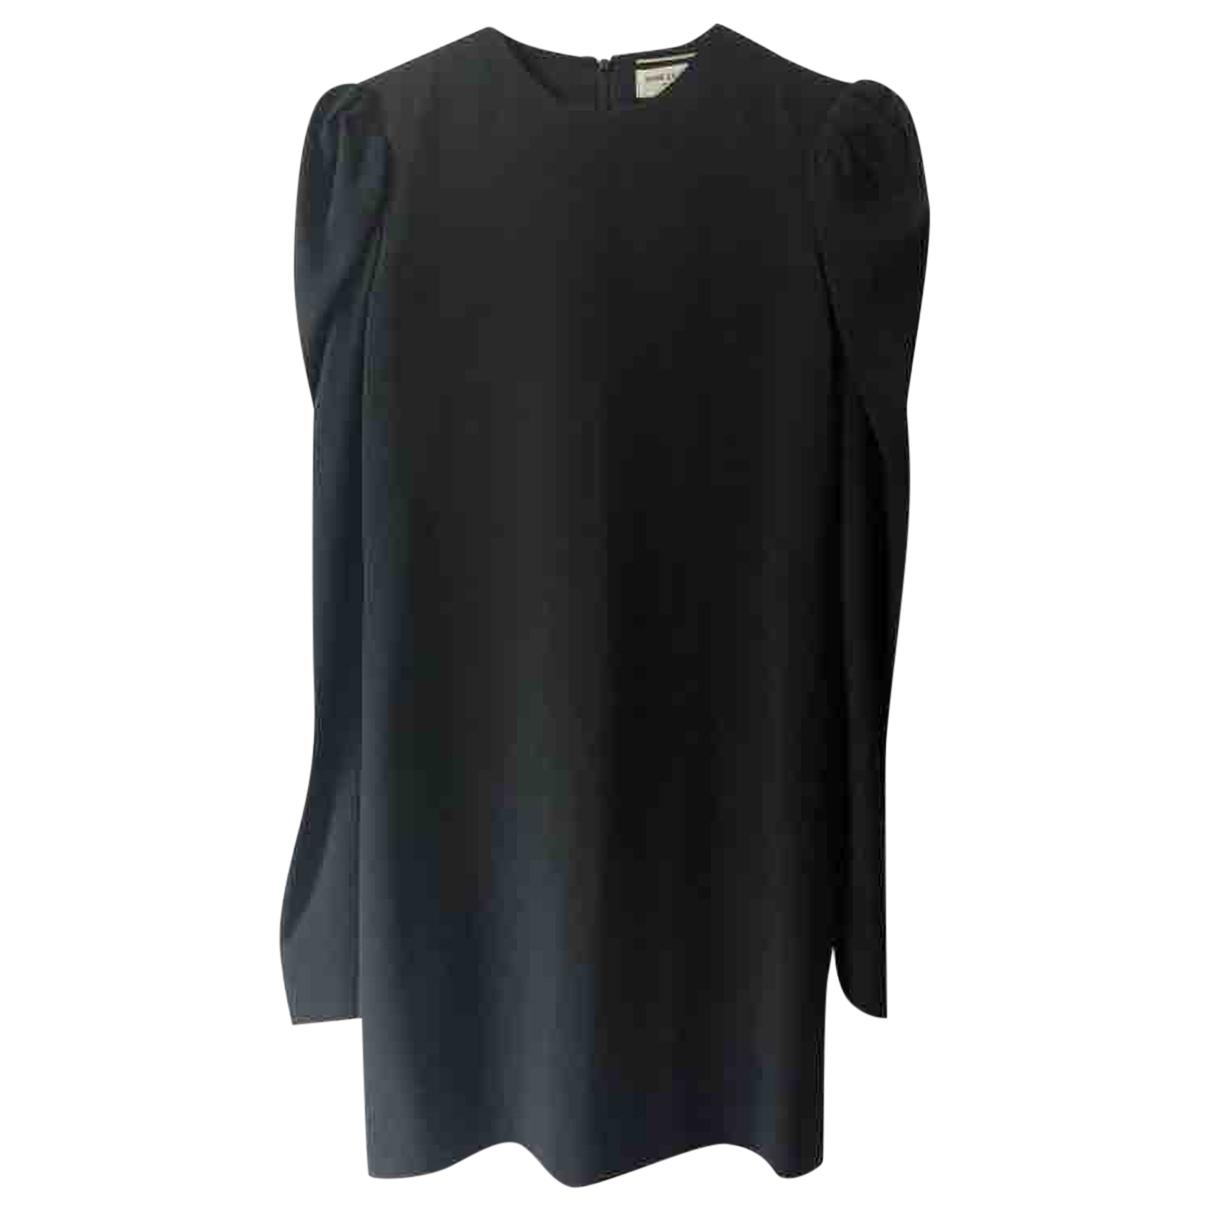 Saint Laurent N Black dress for Women 38 FR